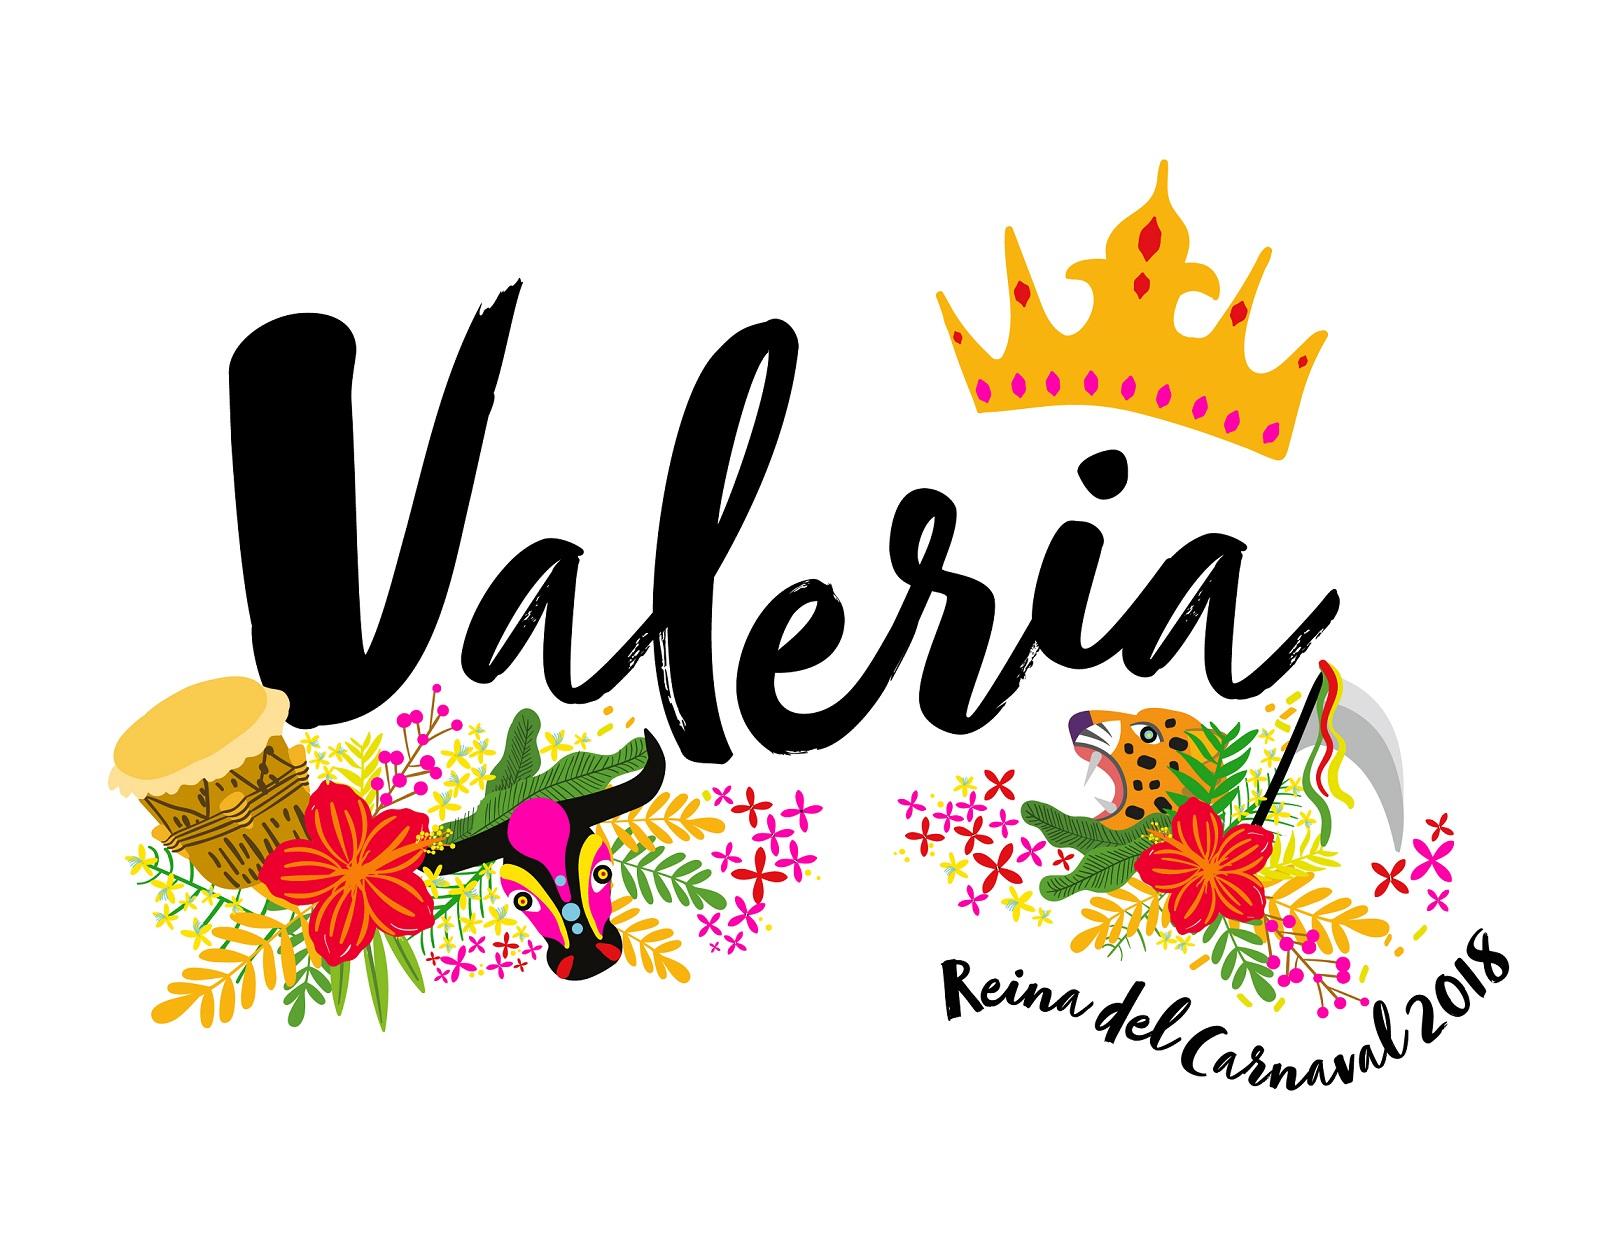 La Reina Valeria presenta su imagen inspirada en las flores del Caribe